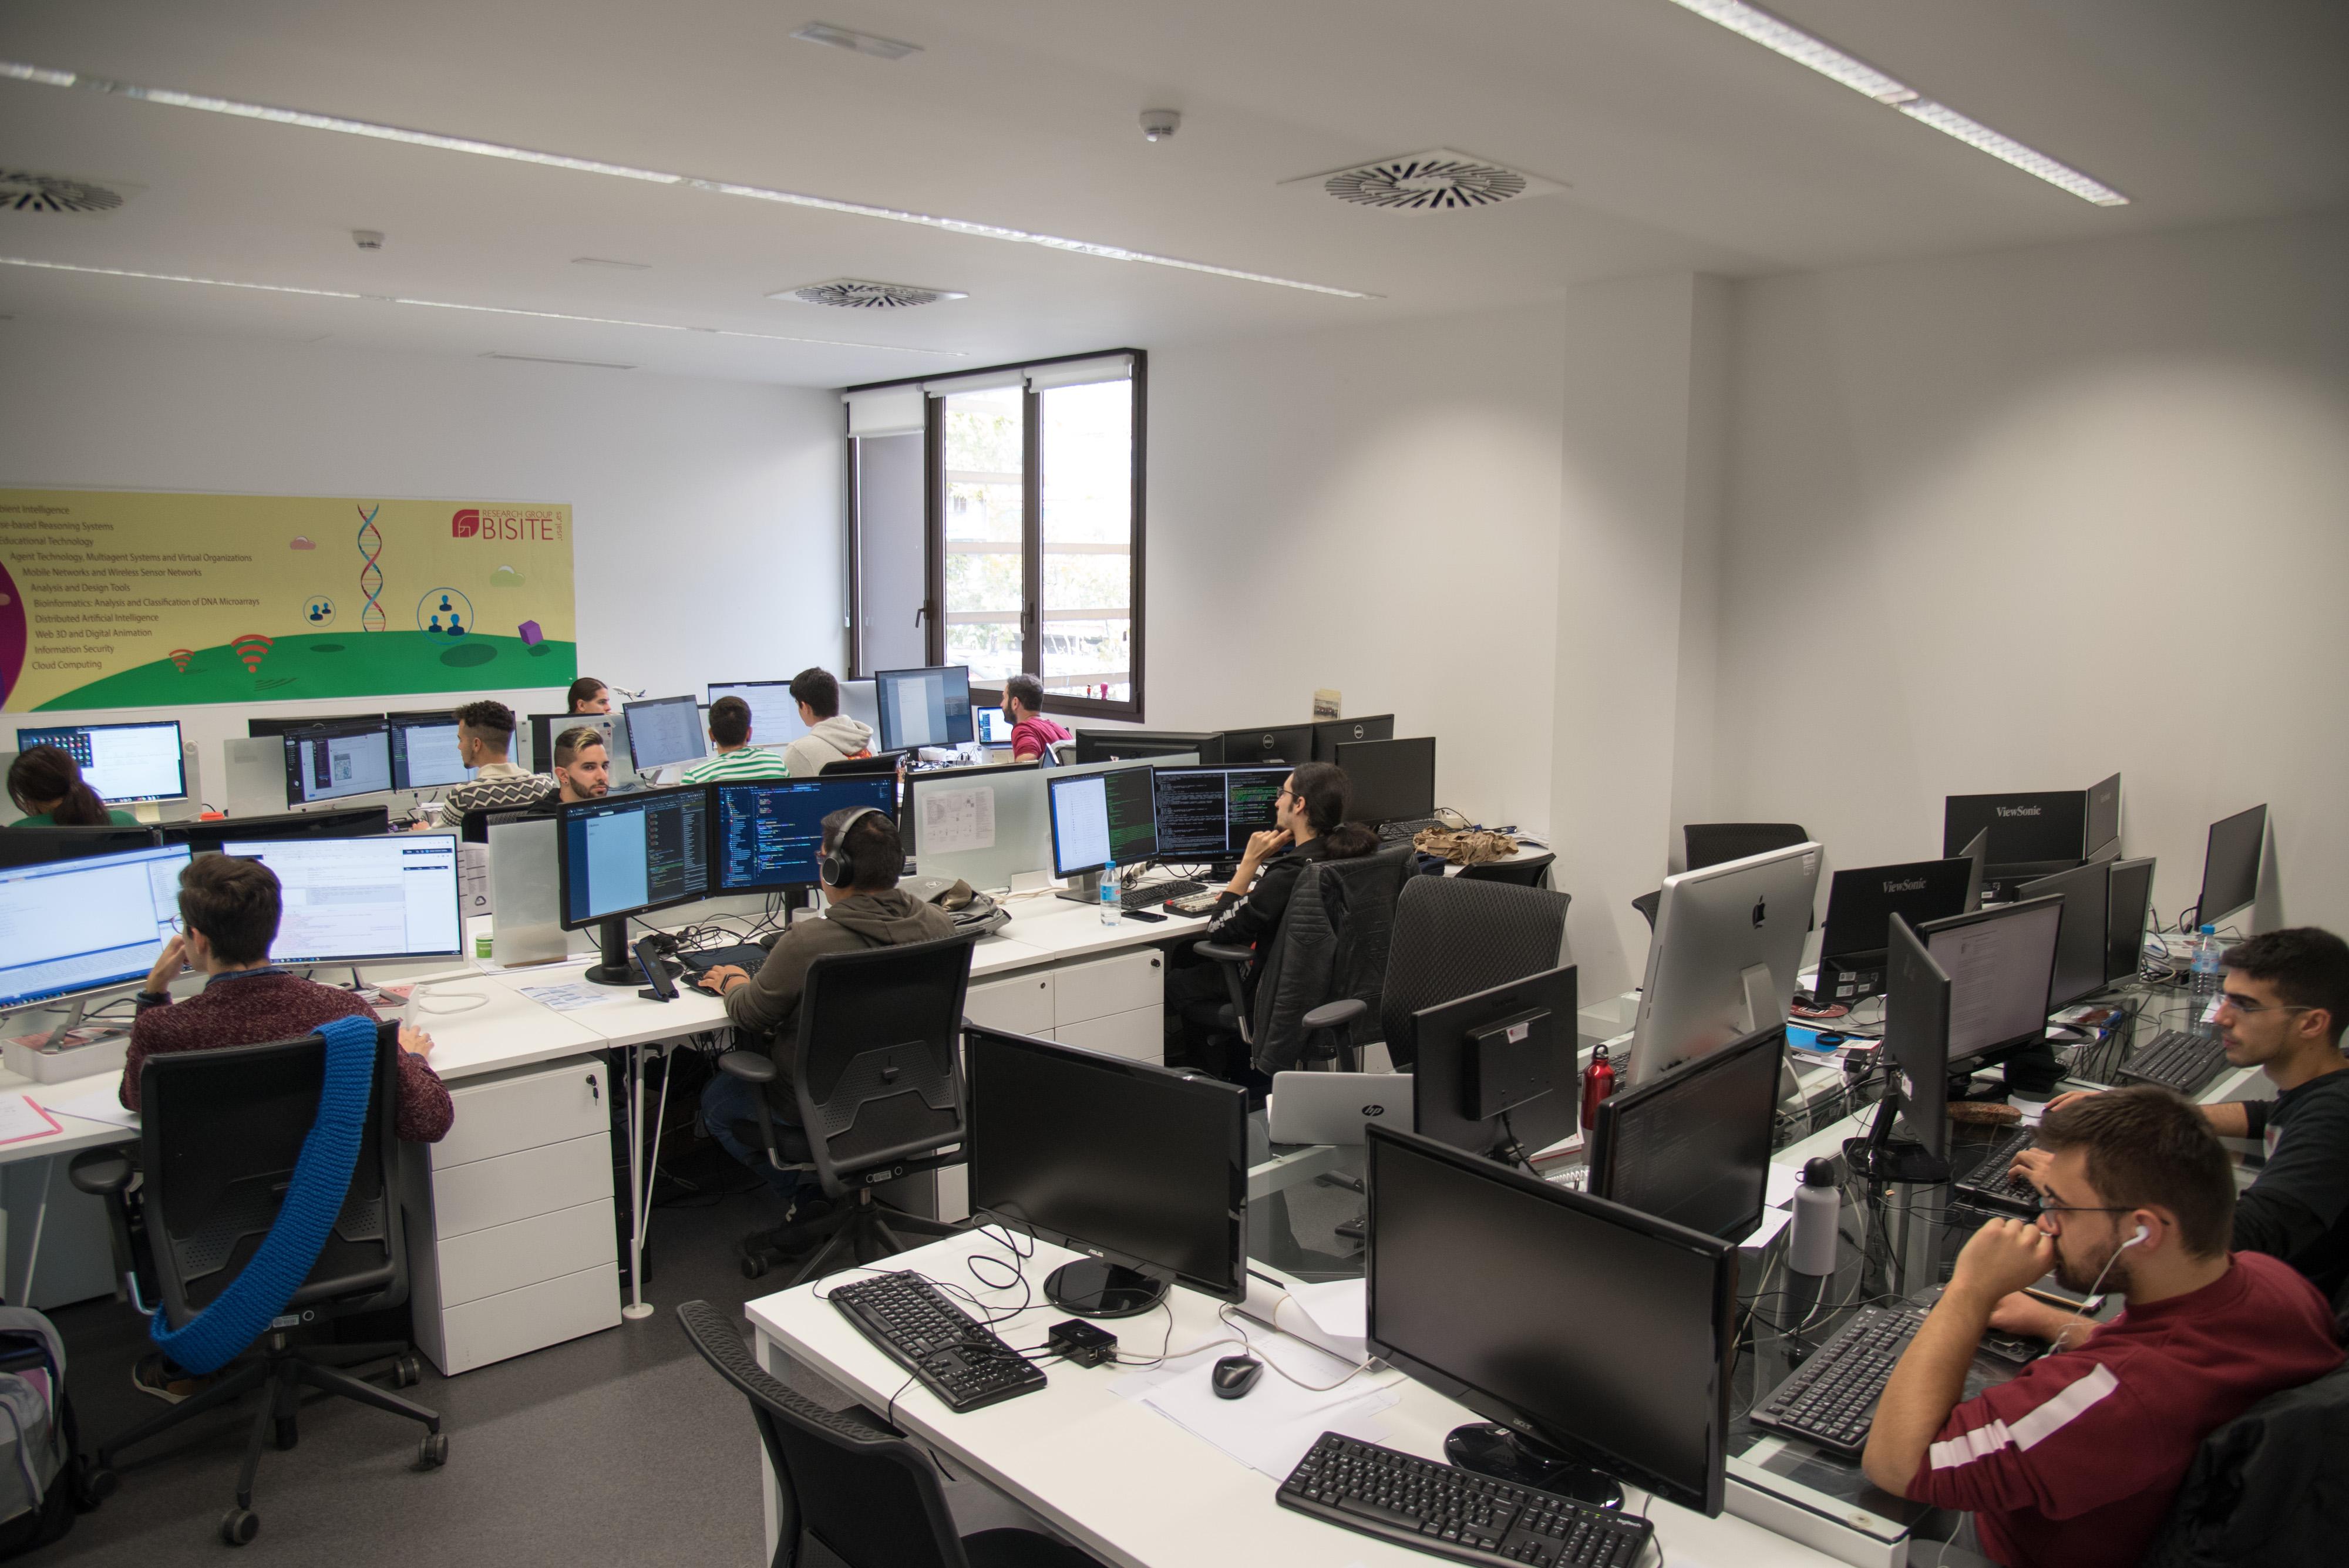 Laboratorios del Grupo de Investigación BISITE1